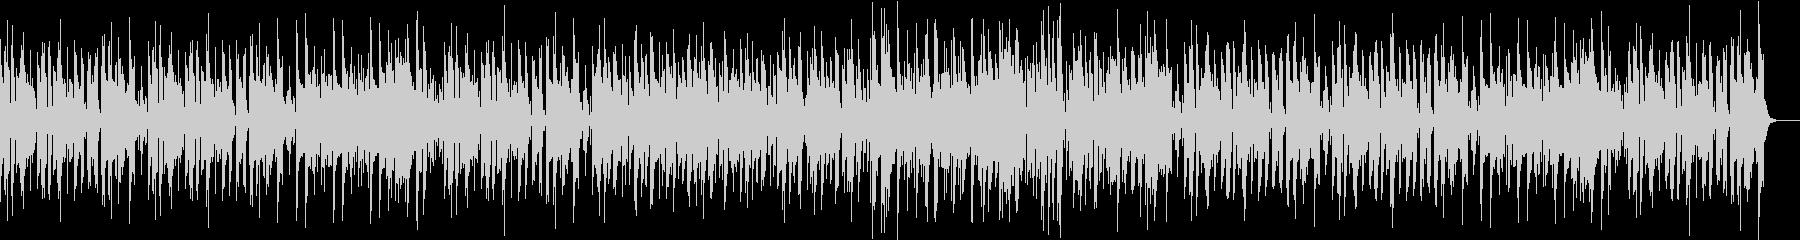 ほのぼしたフルートボサノバの未再生の波形